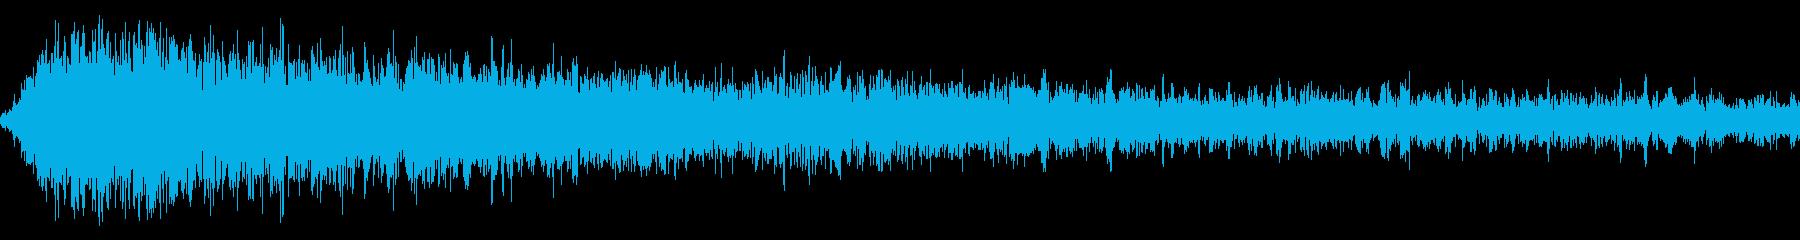 ホラー3(幽霊が現れる音)の再生済みの波形